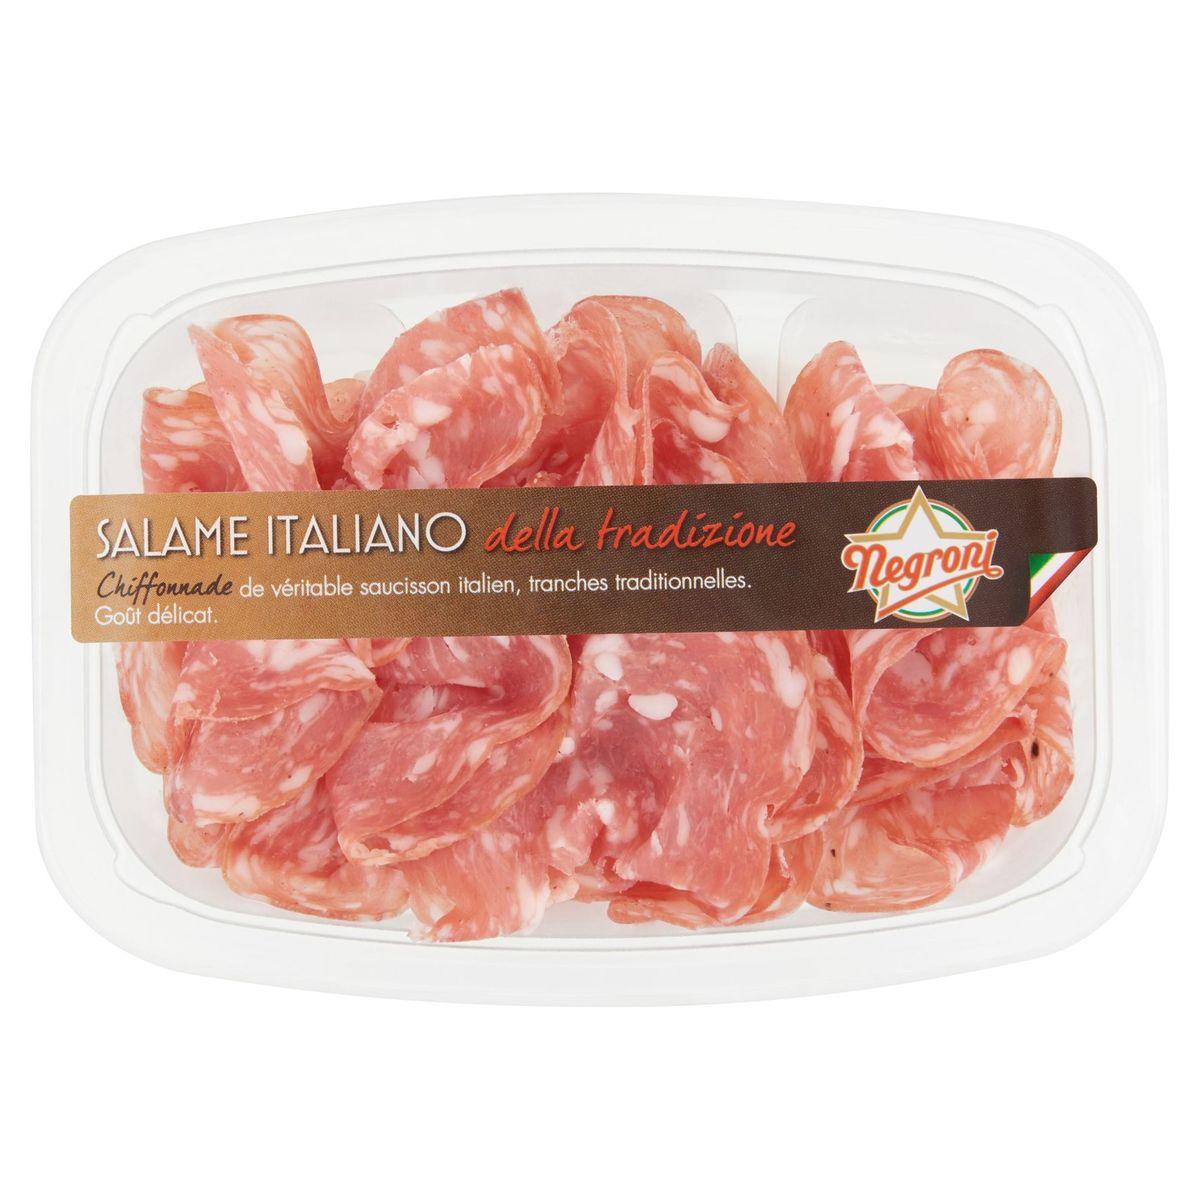 Negroni Salame Italiano della Tradizione 50 g